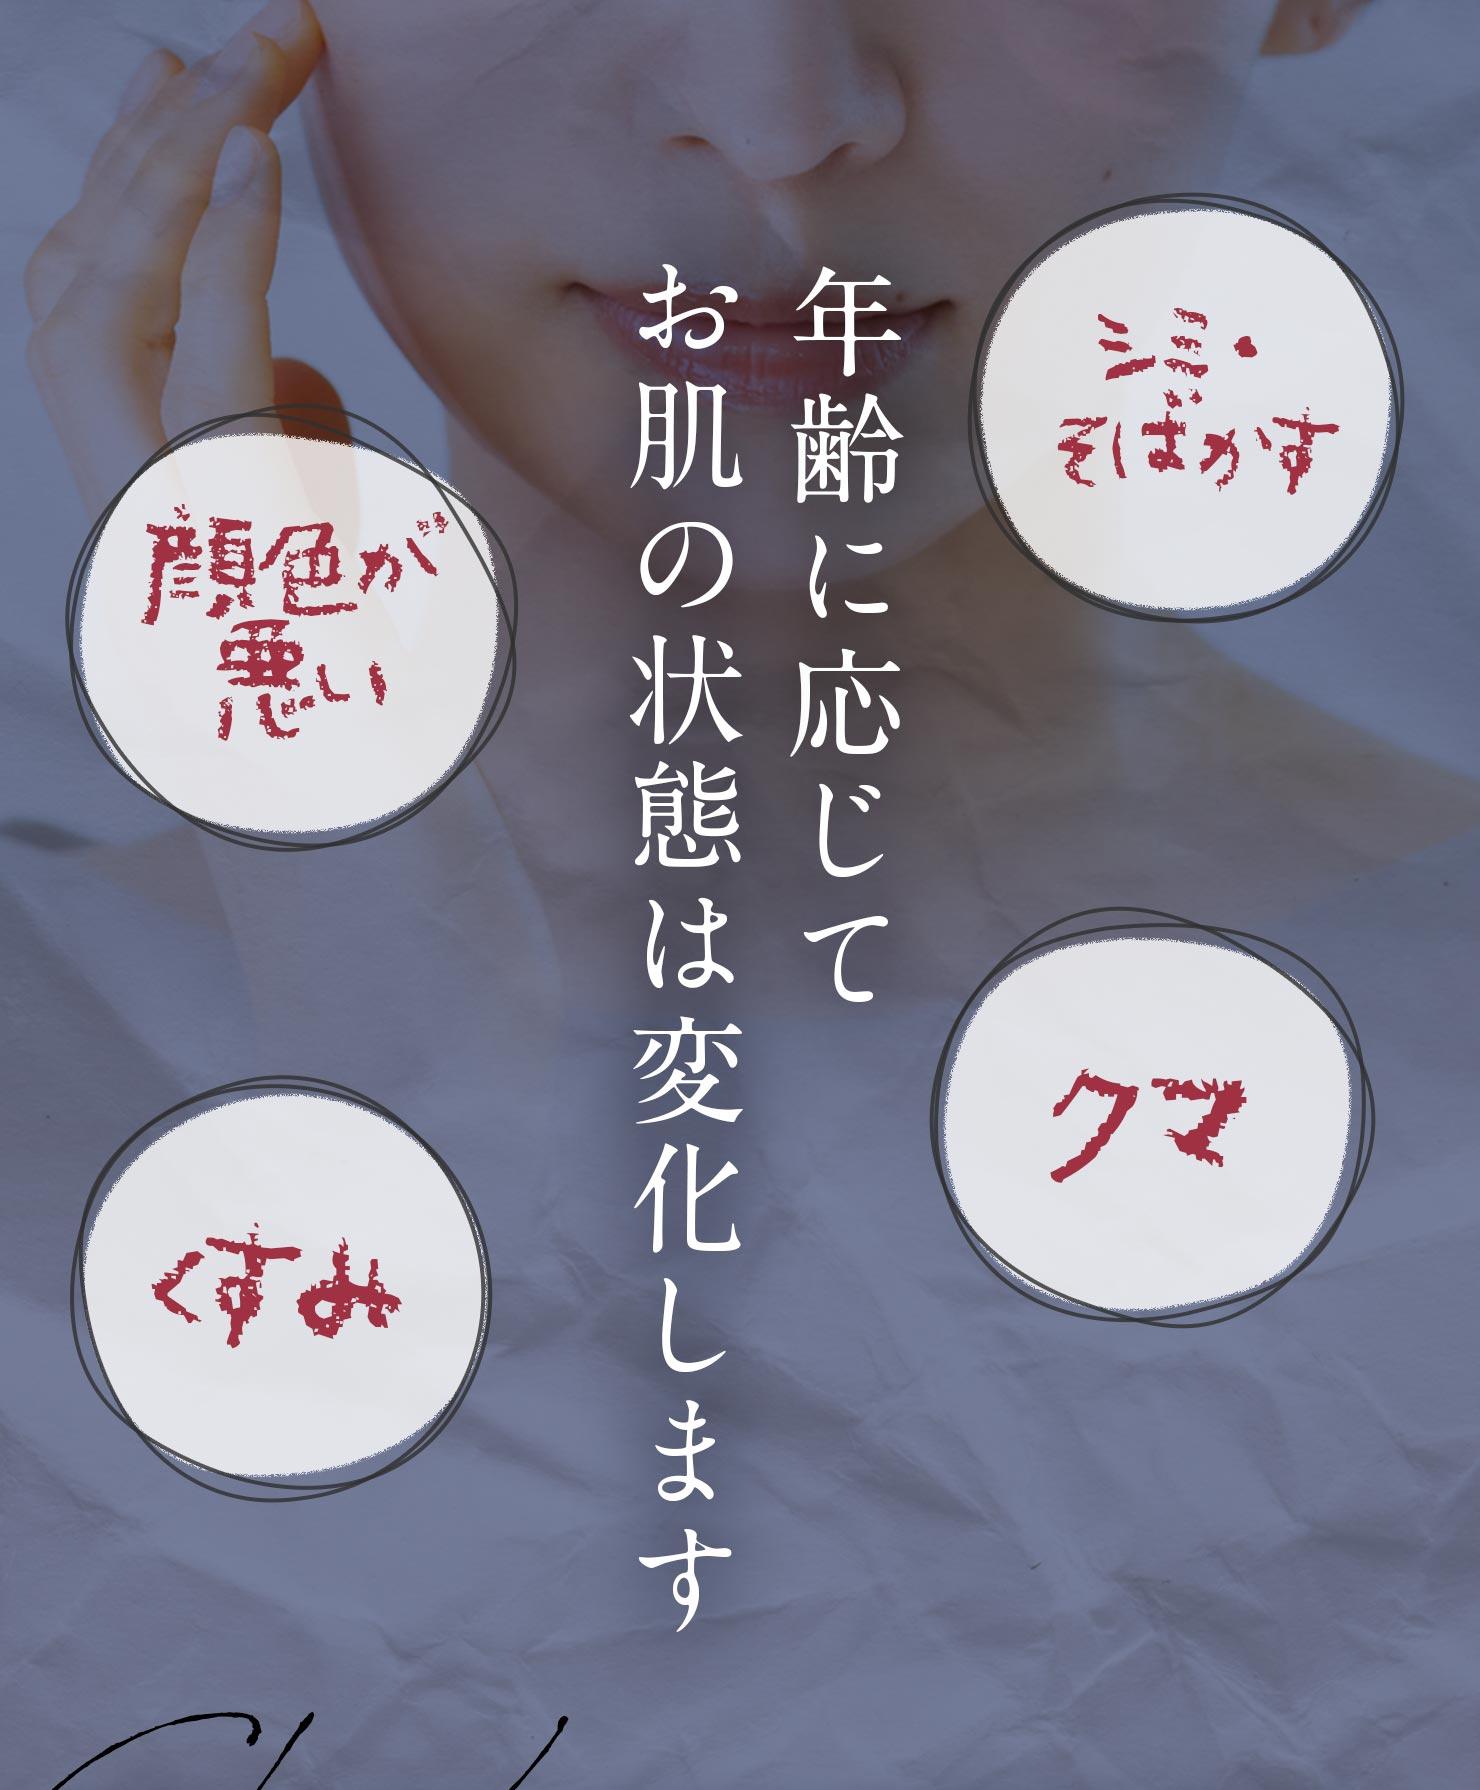 [シミ・そばかす][クマ][顔色が悪い][くすみ]年齢に応じてお肌の状態は変化します